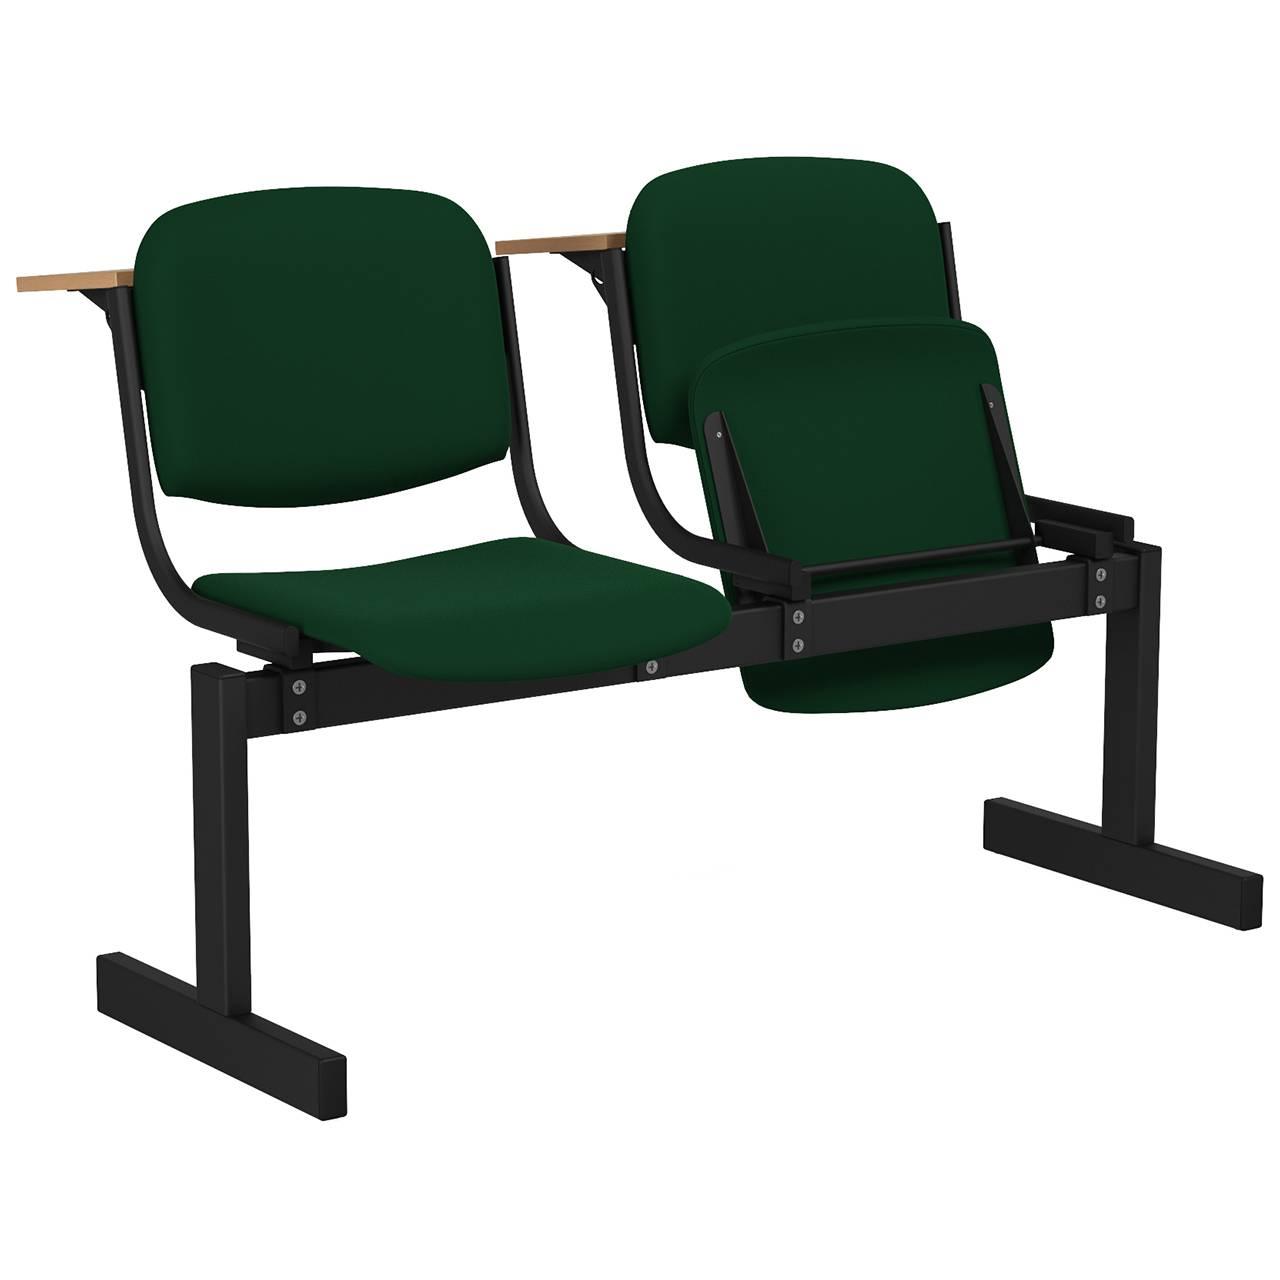 2-местный, откидывающиеся сиденья, мягкий, лекционный черный зеленый Флок